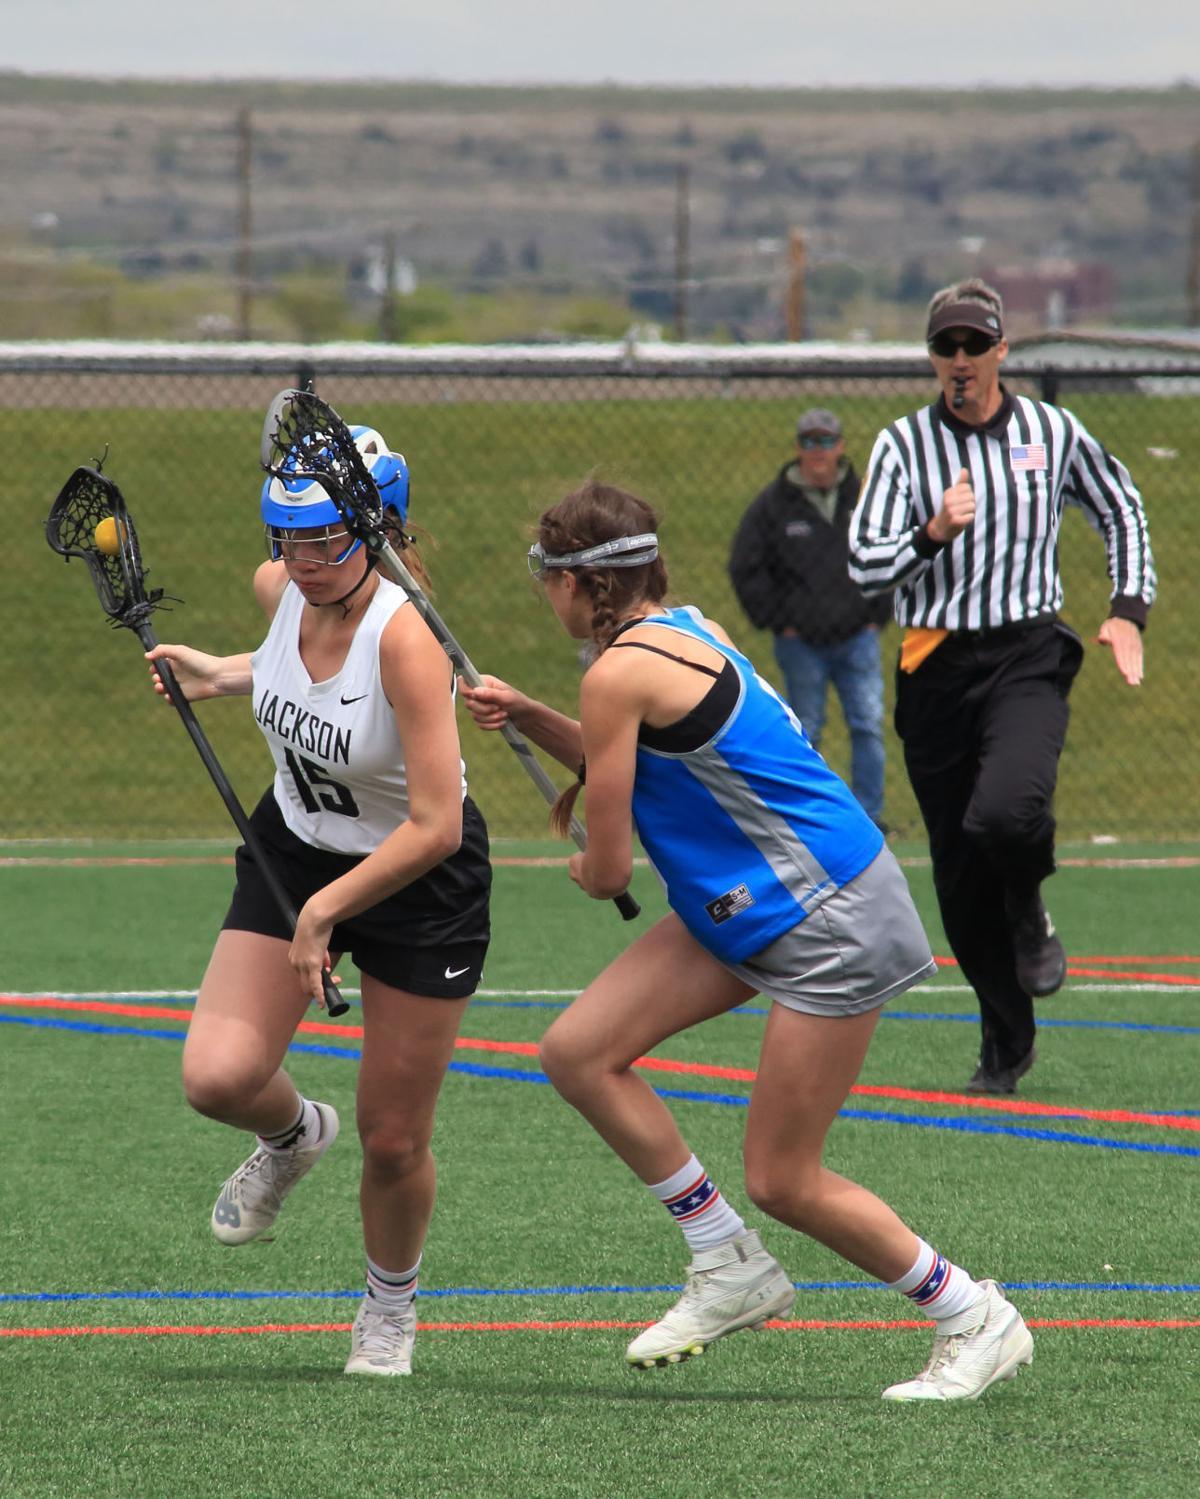 Jackson Hole girls lacrosse